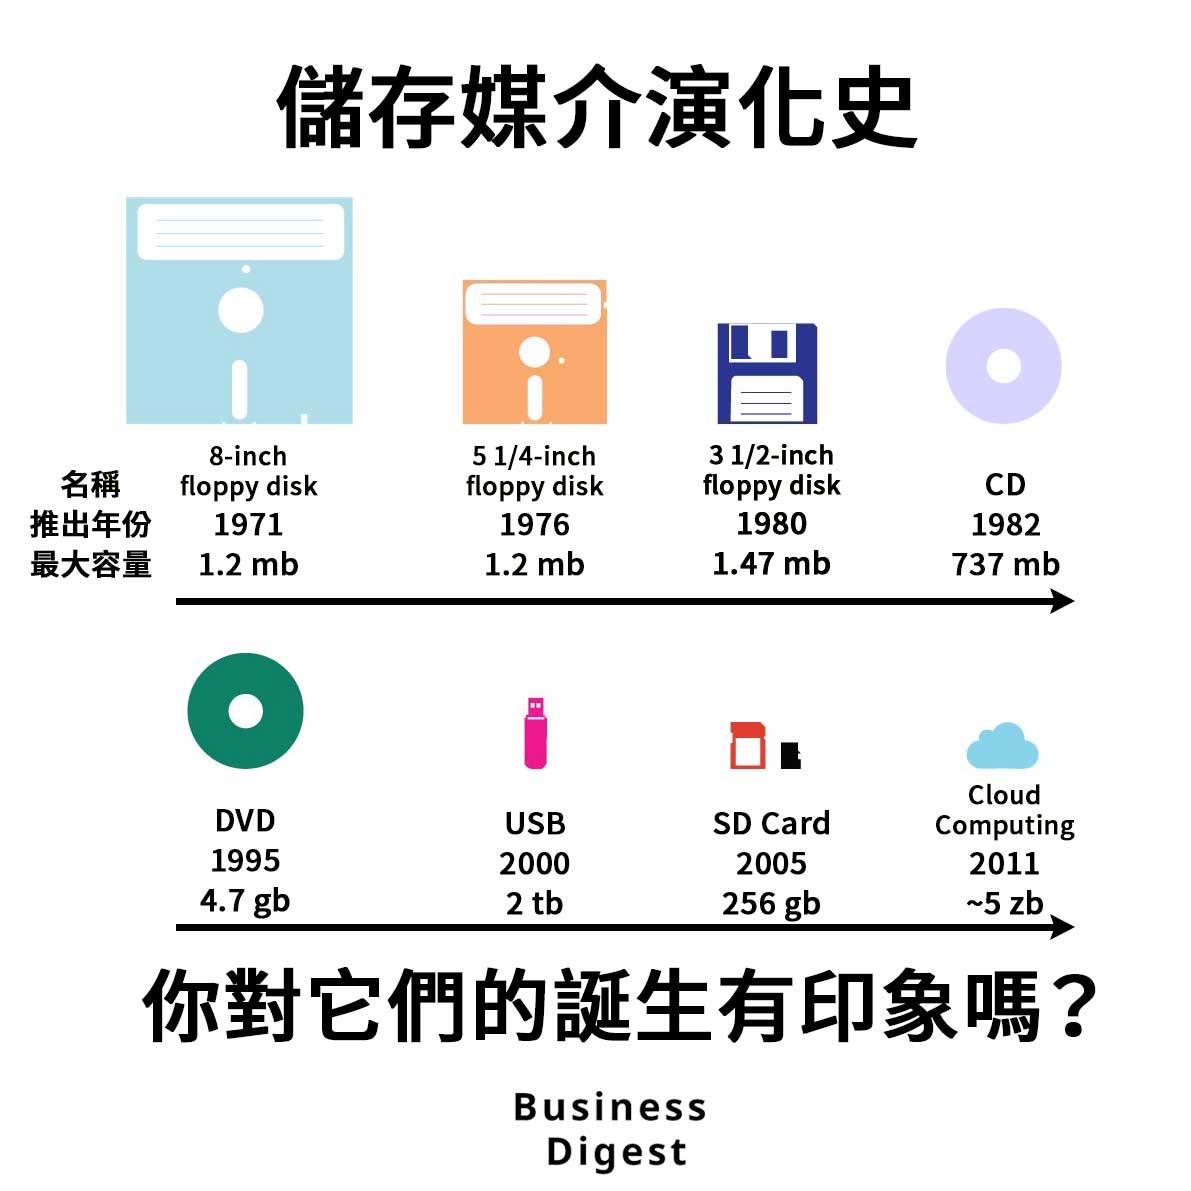 【商業熱話】儲存媒介演化史